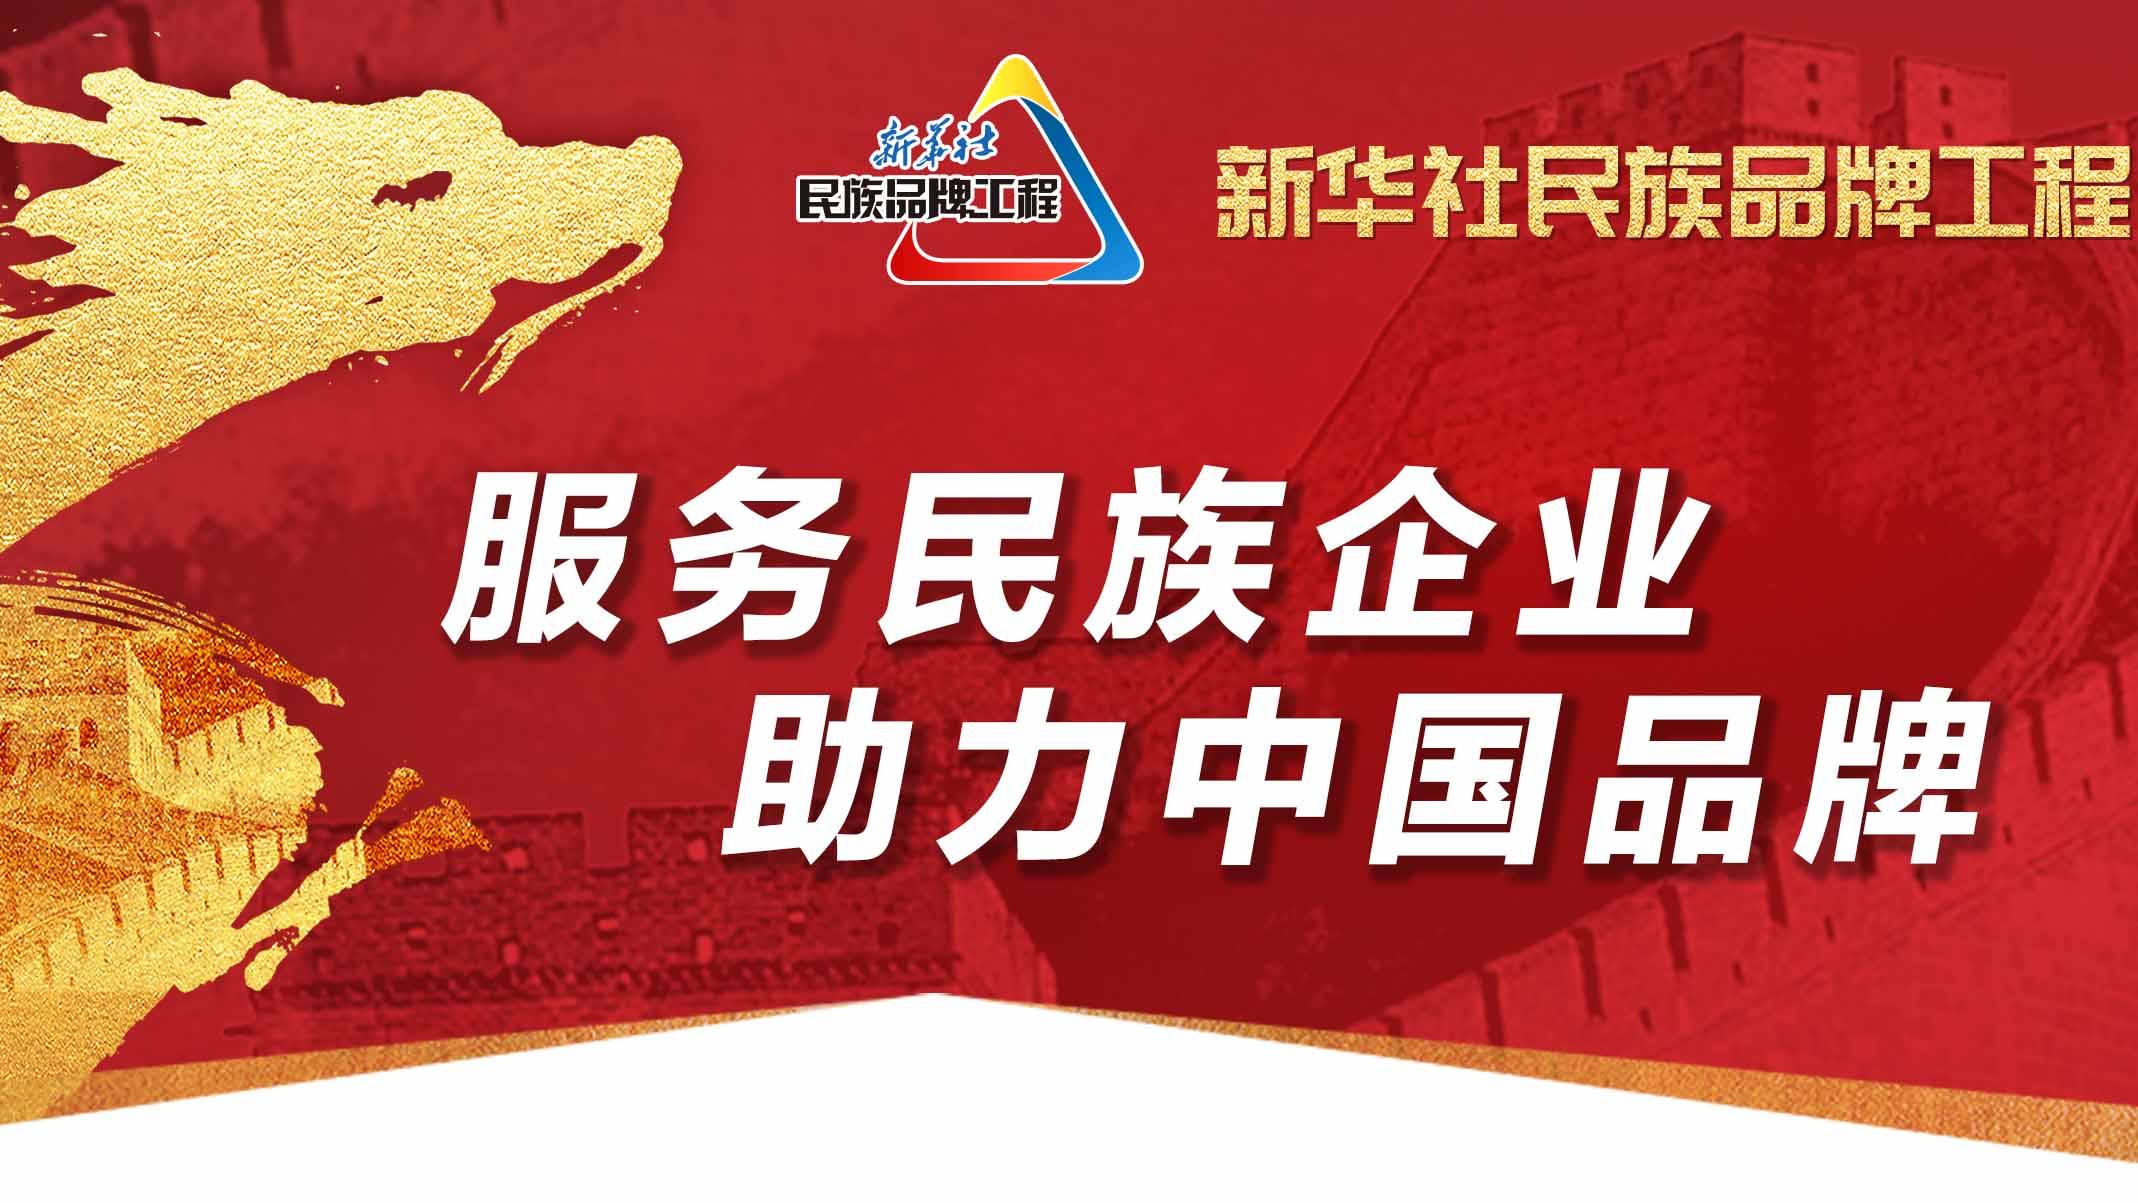 新華社民族品牌工程入選企業有多強?